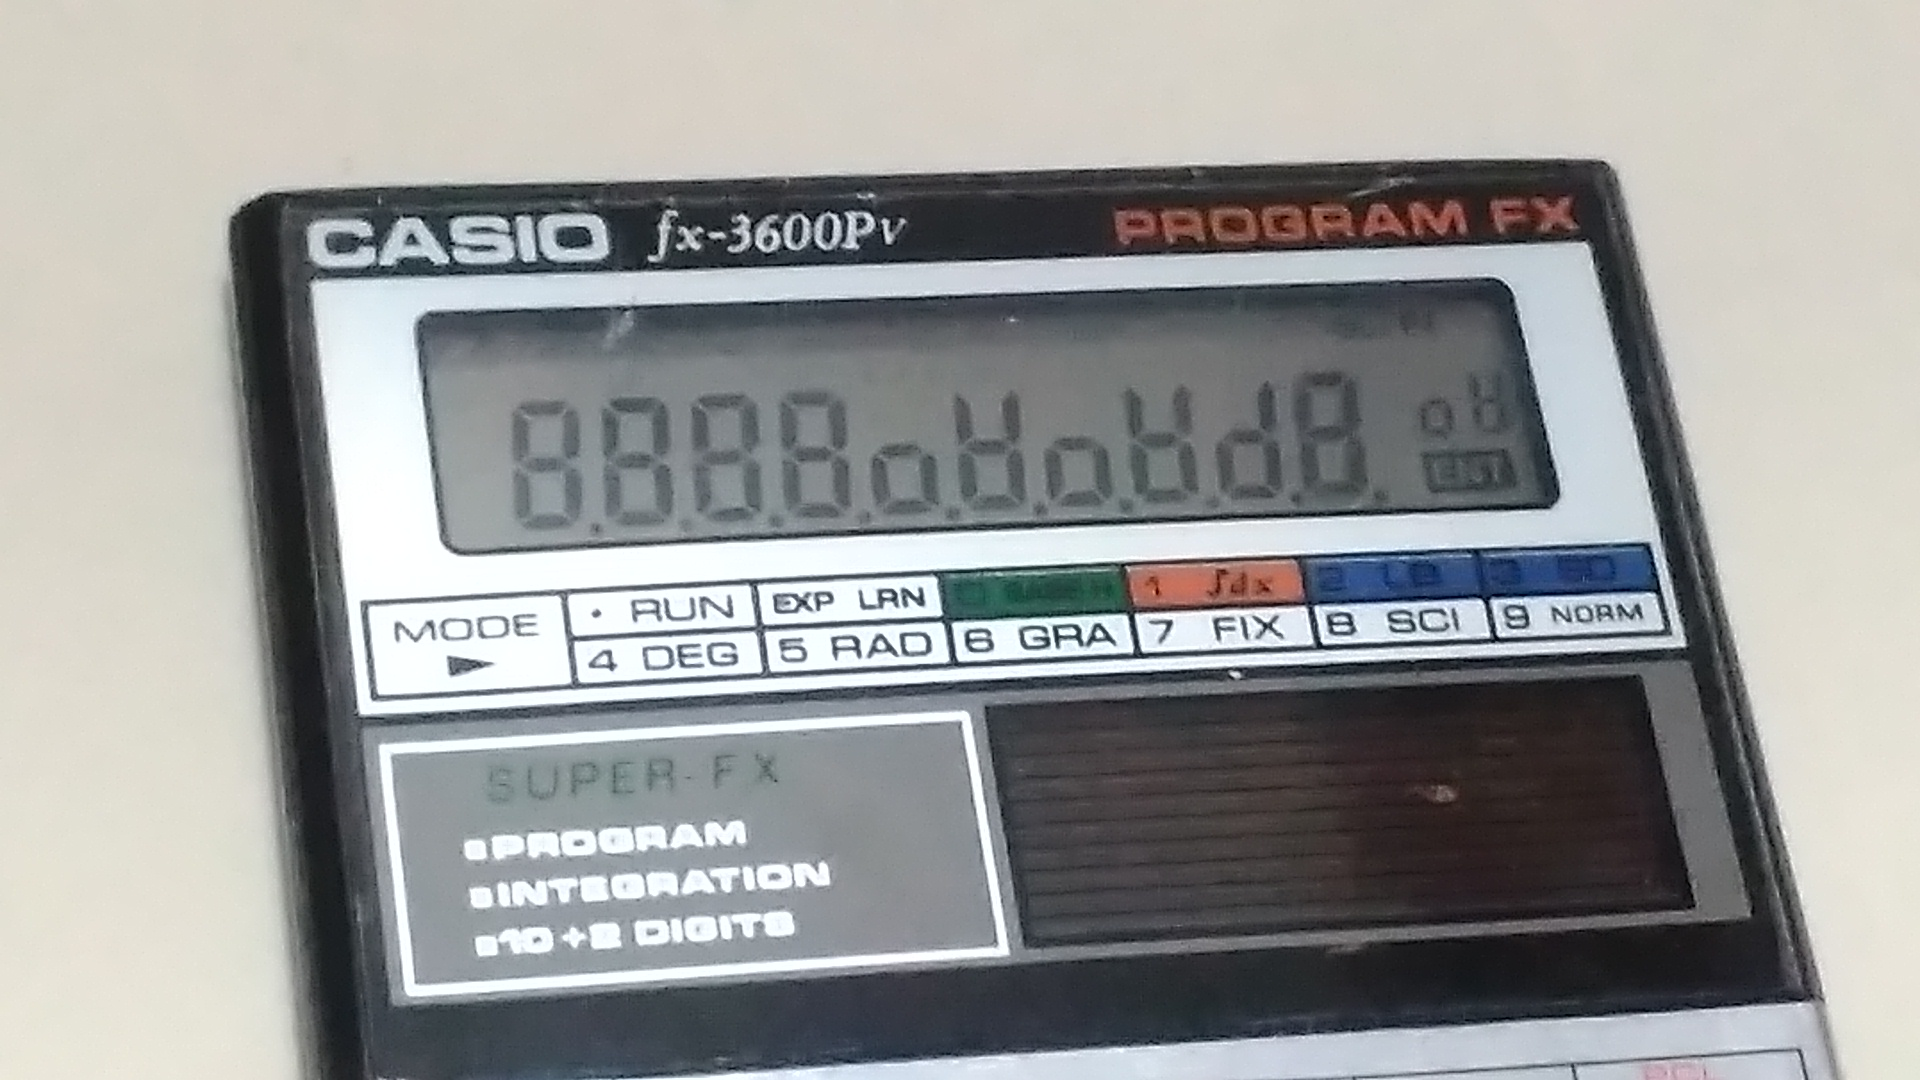 Pengalaman Membeli Kalkulator Tiruan Casio fx-3600pv, Ini Alternatifnya!